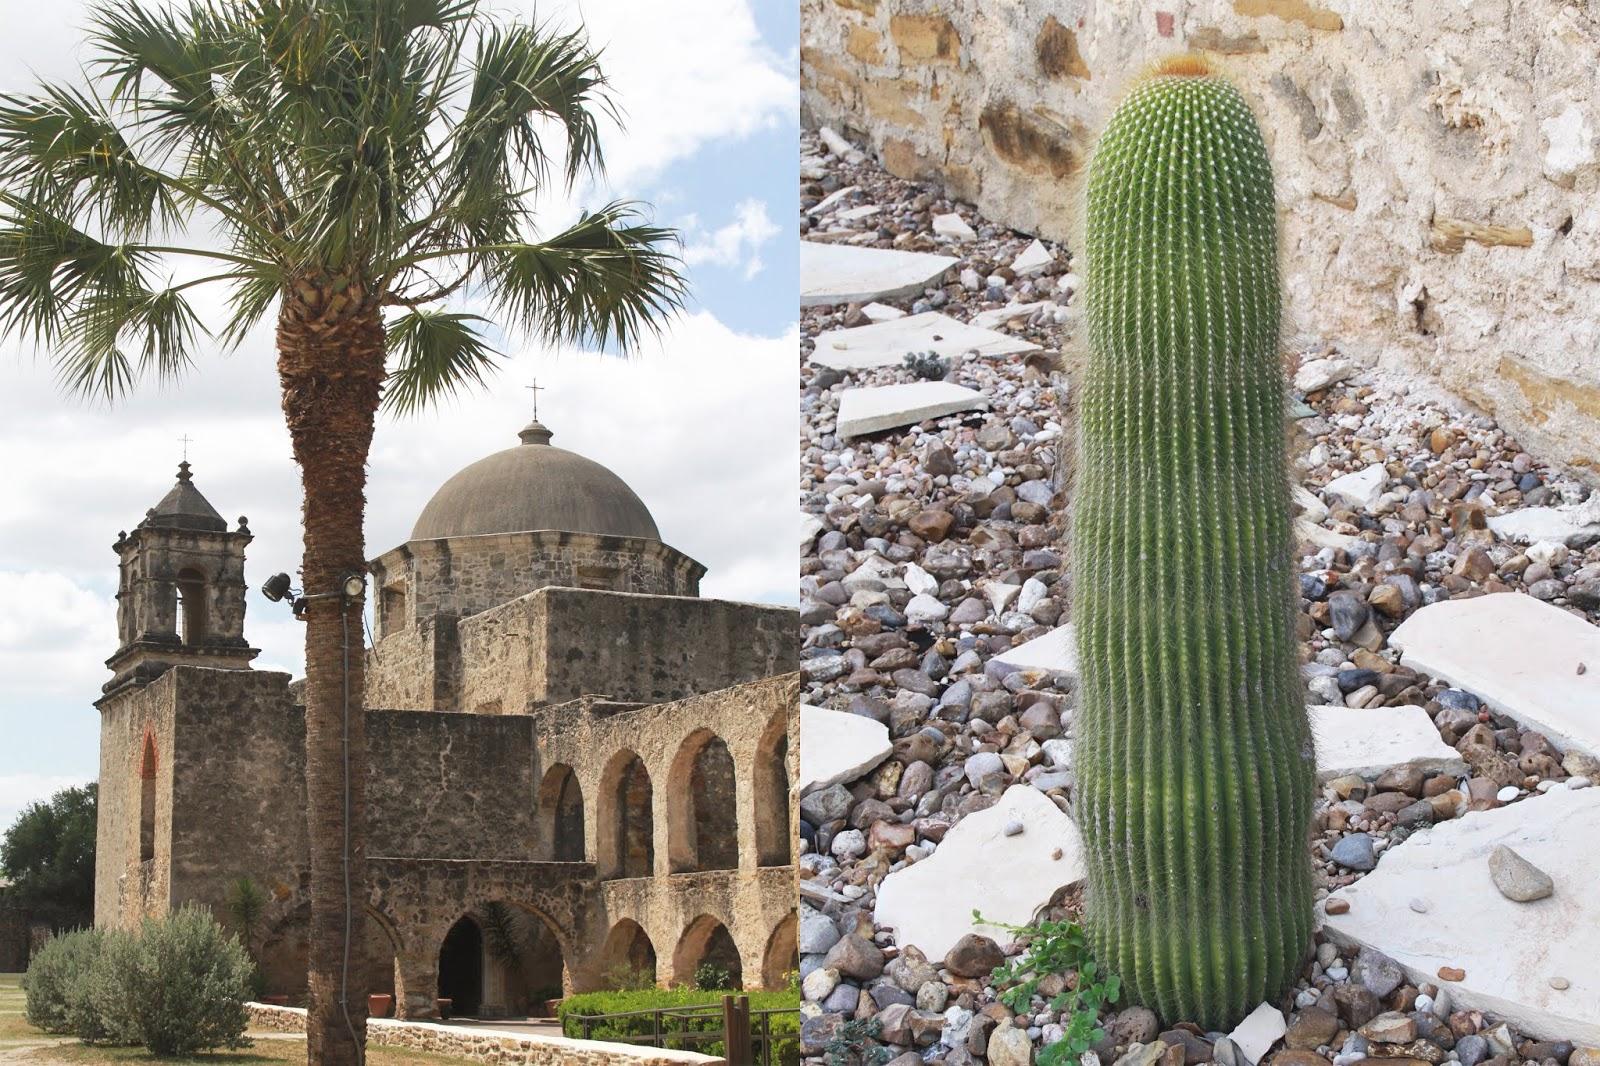 Mission Concepcion San Antonio, san antonio missions, best missions in San Antonio, mission tours san antonio, San antonio history